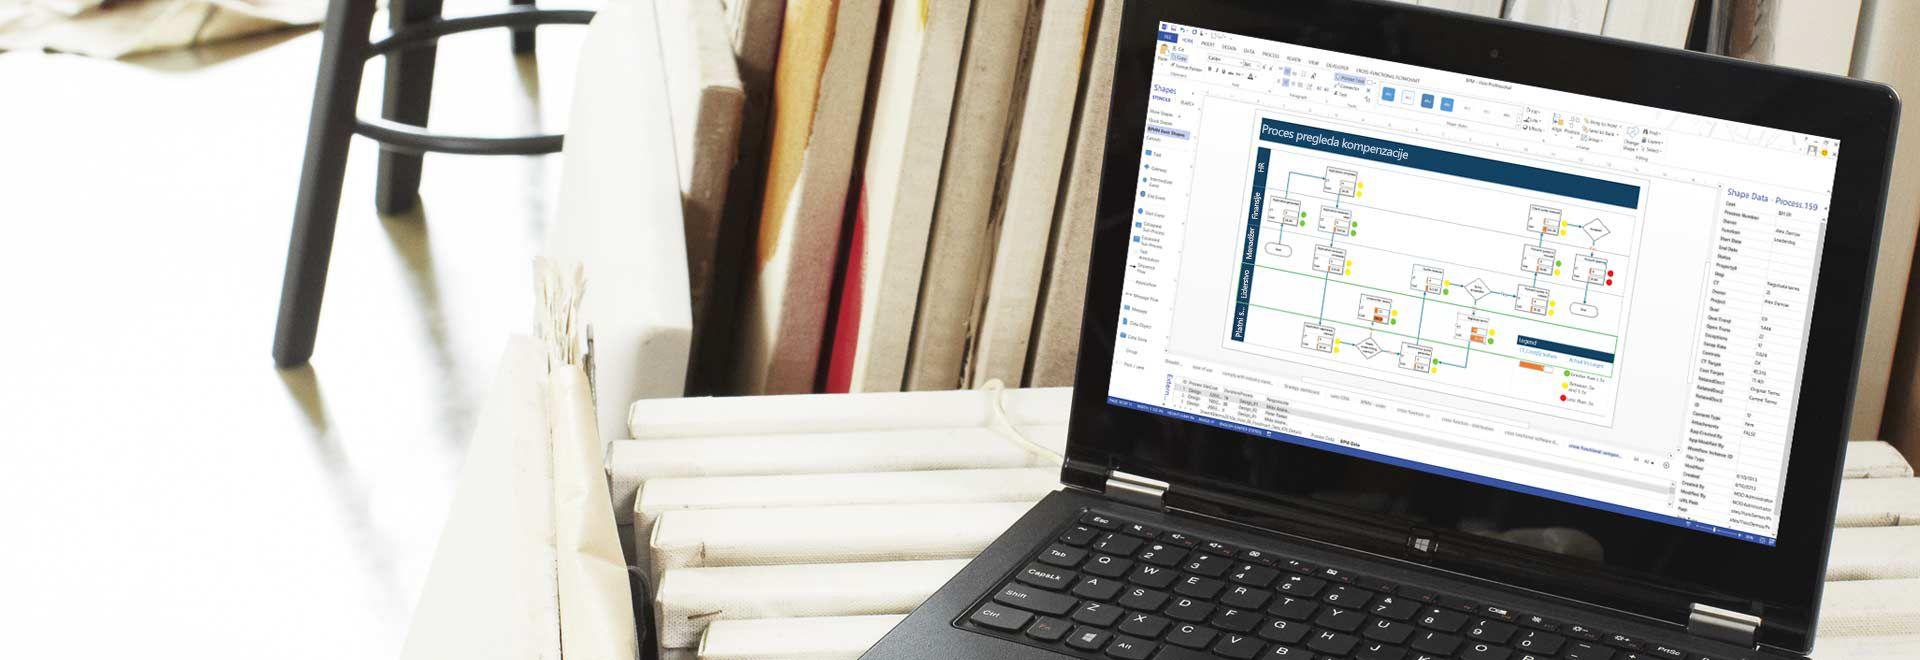 Laptop koji prikazuje dijagram toka posla procesa u programu Visio Pro za Office 365